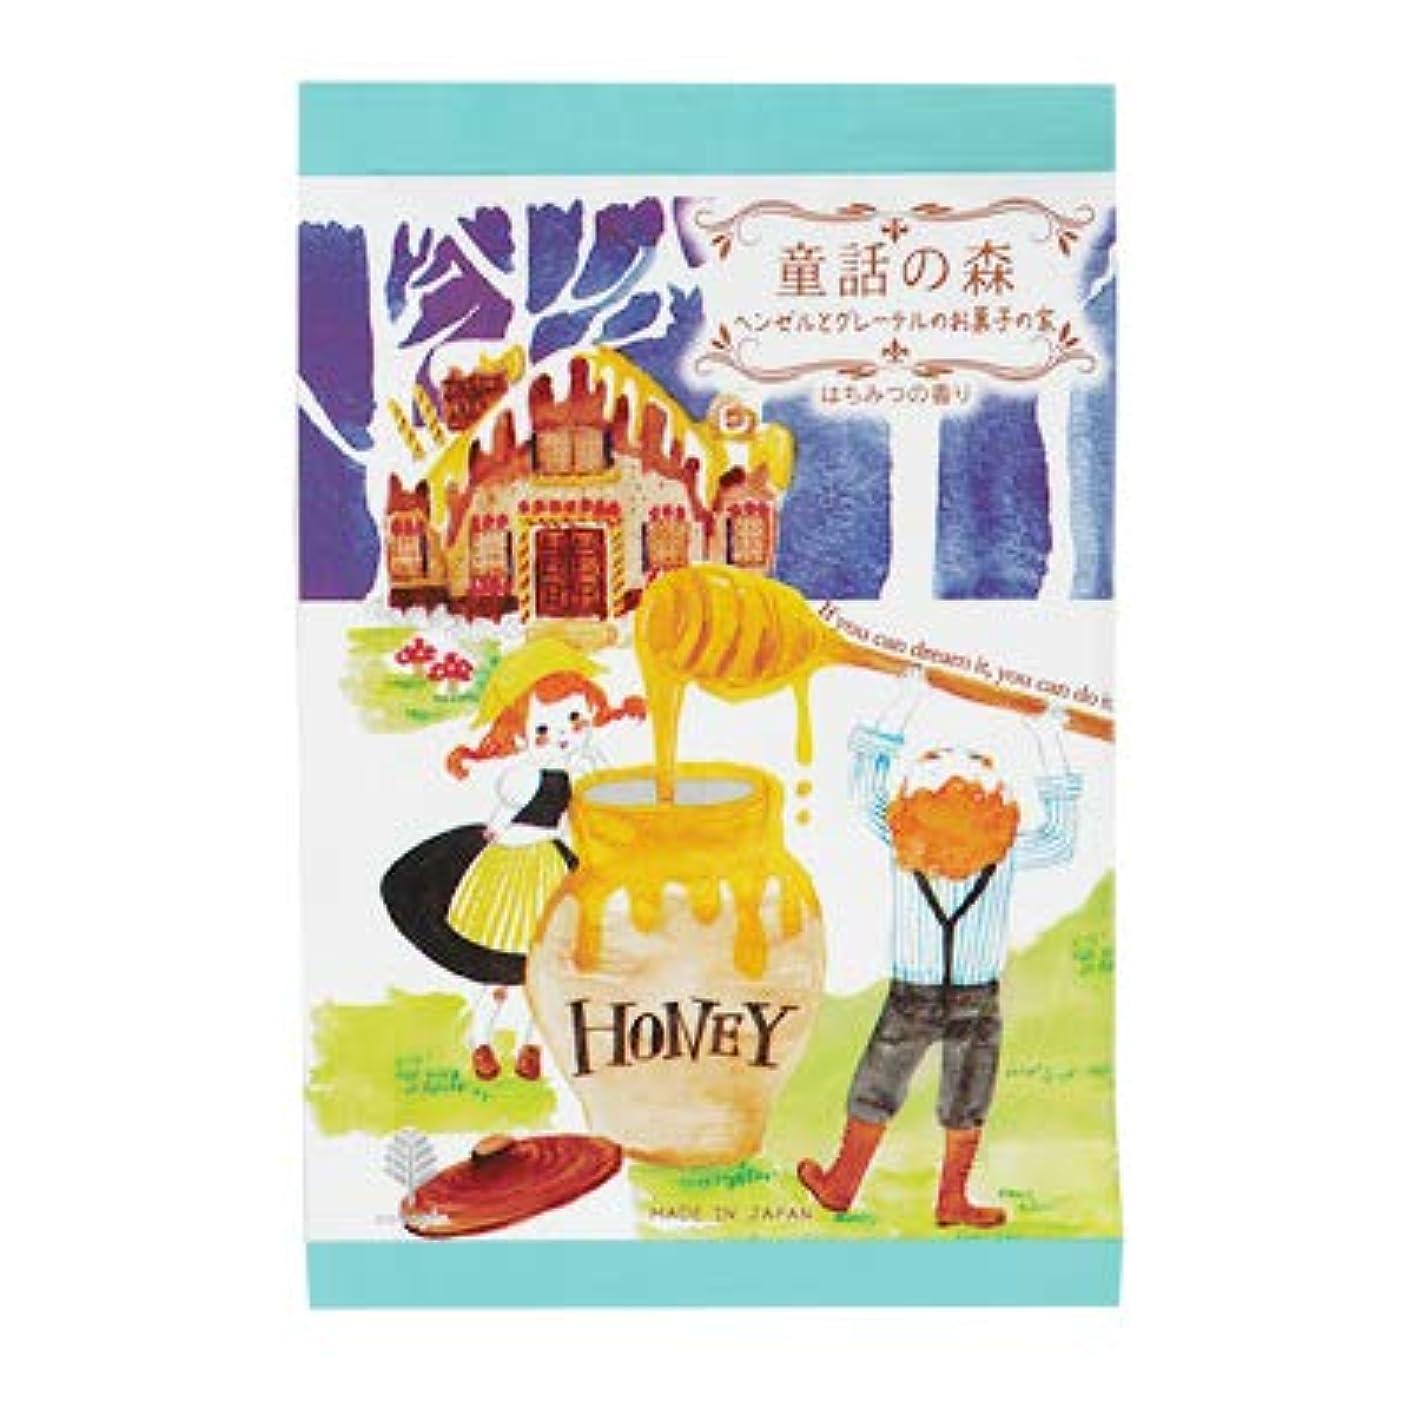 シェトランド諸島カバレッジ意気揚々【まとめ買い3個セット】 童話の森 ヘンゼルとグレーテルのお菓子の家